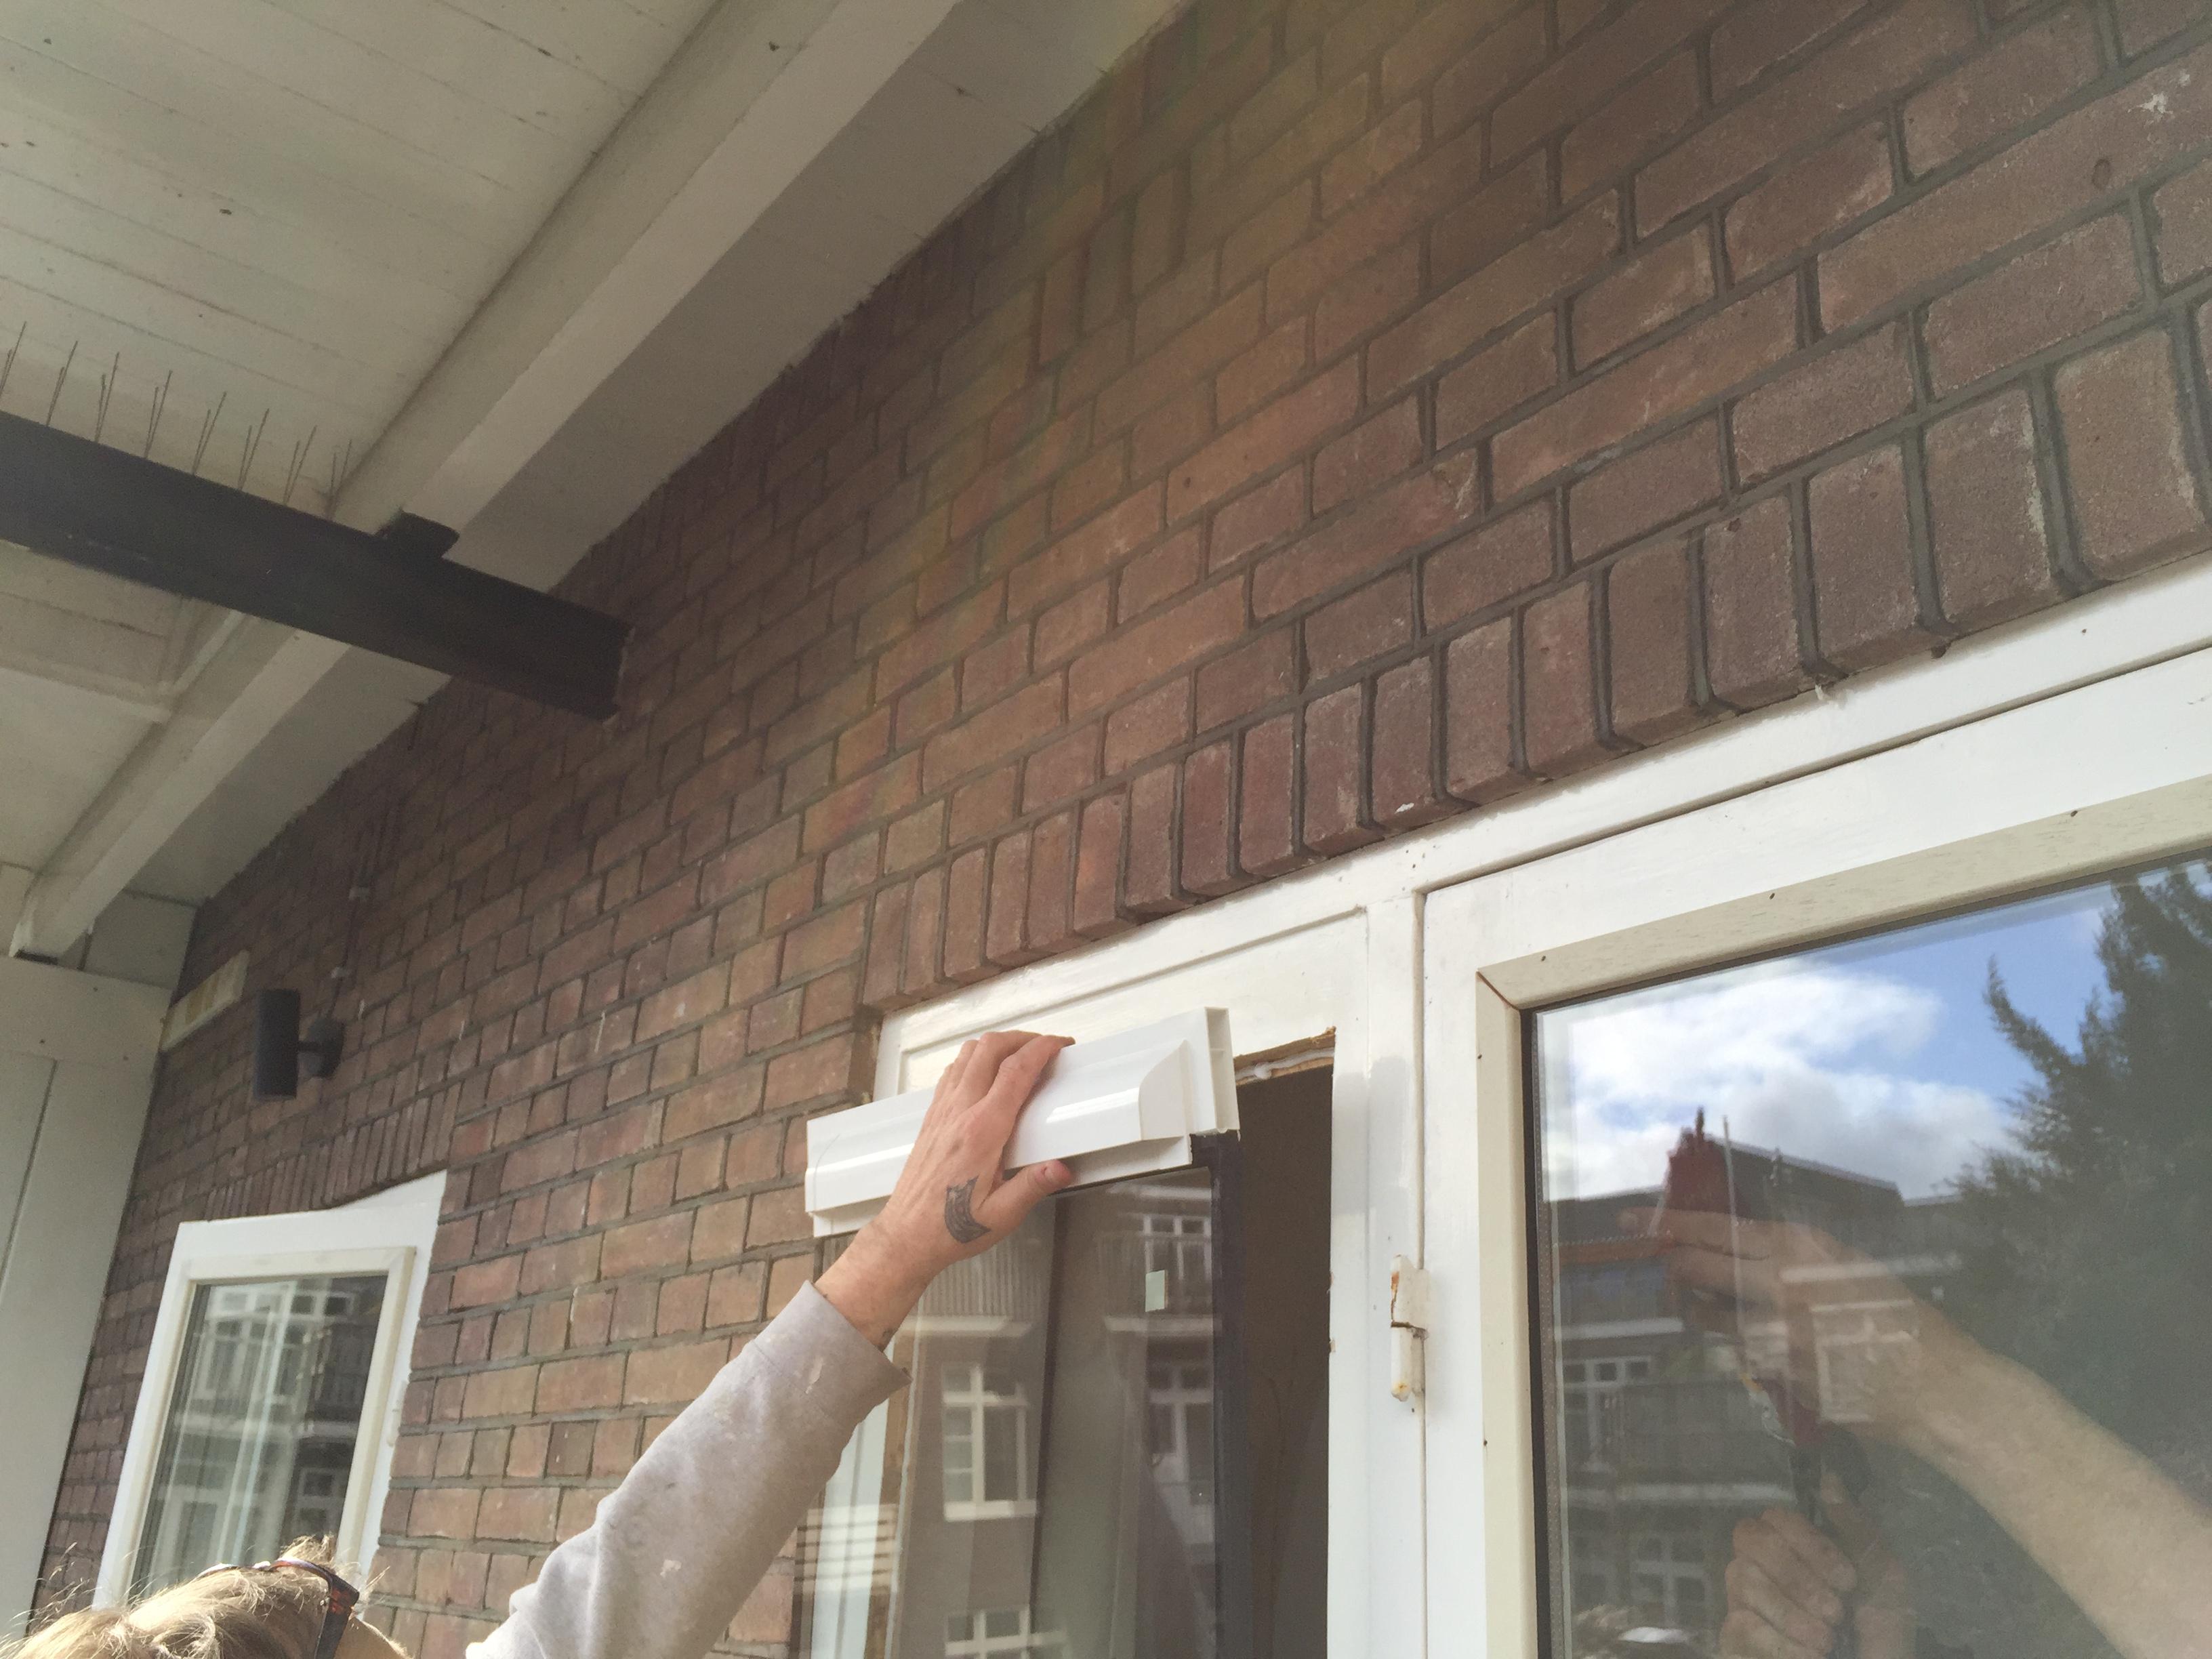 Ventilatie Badkamer Muur : Ventilatierooster in raam tip voordemakers